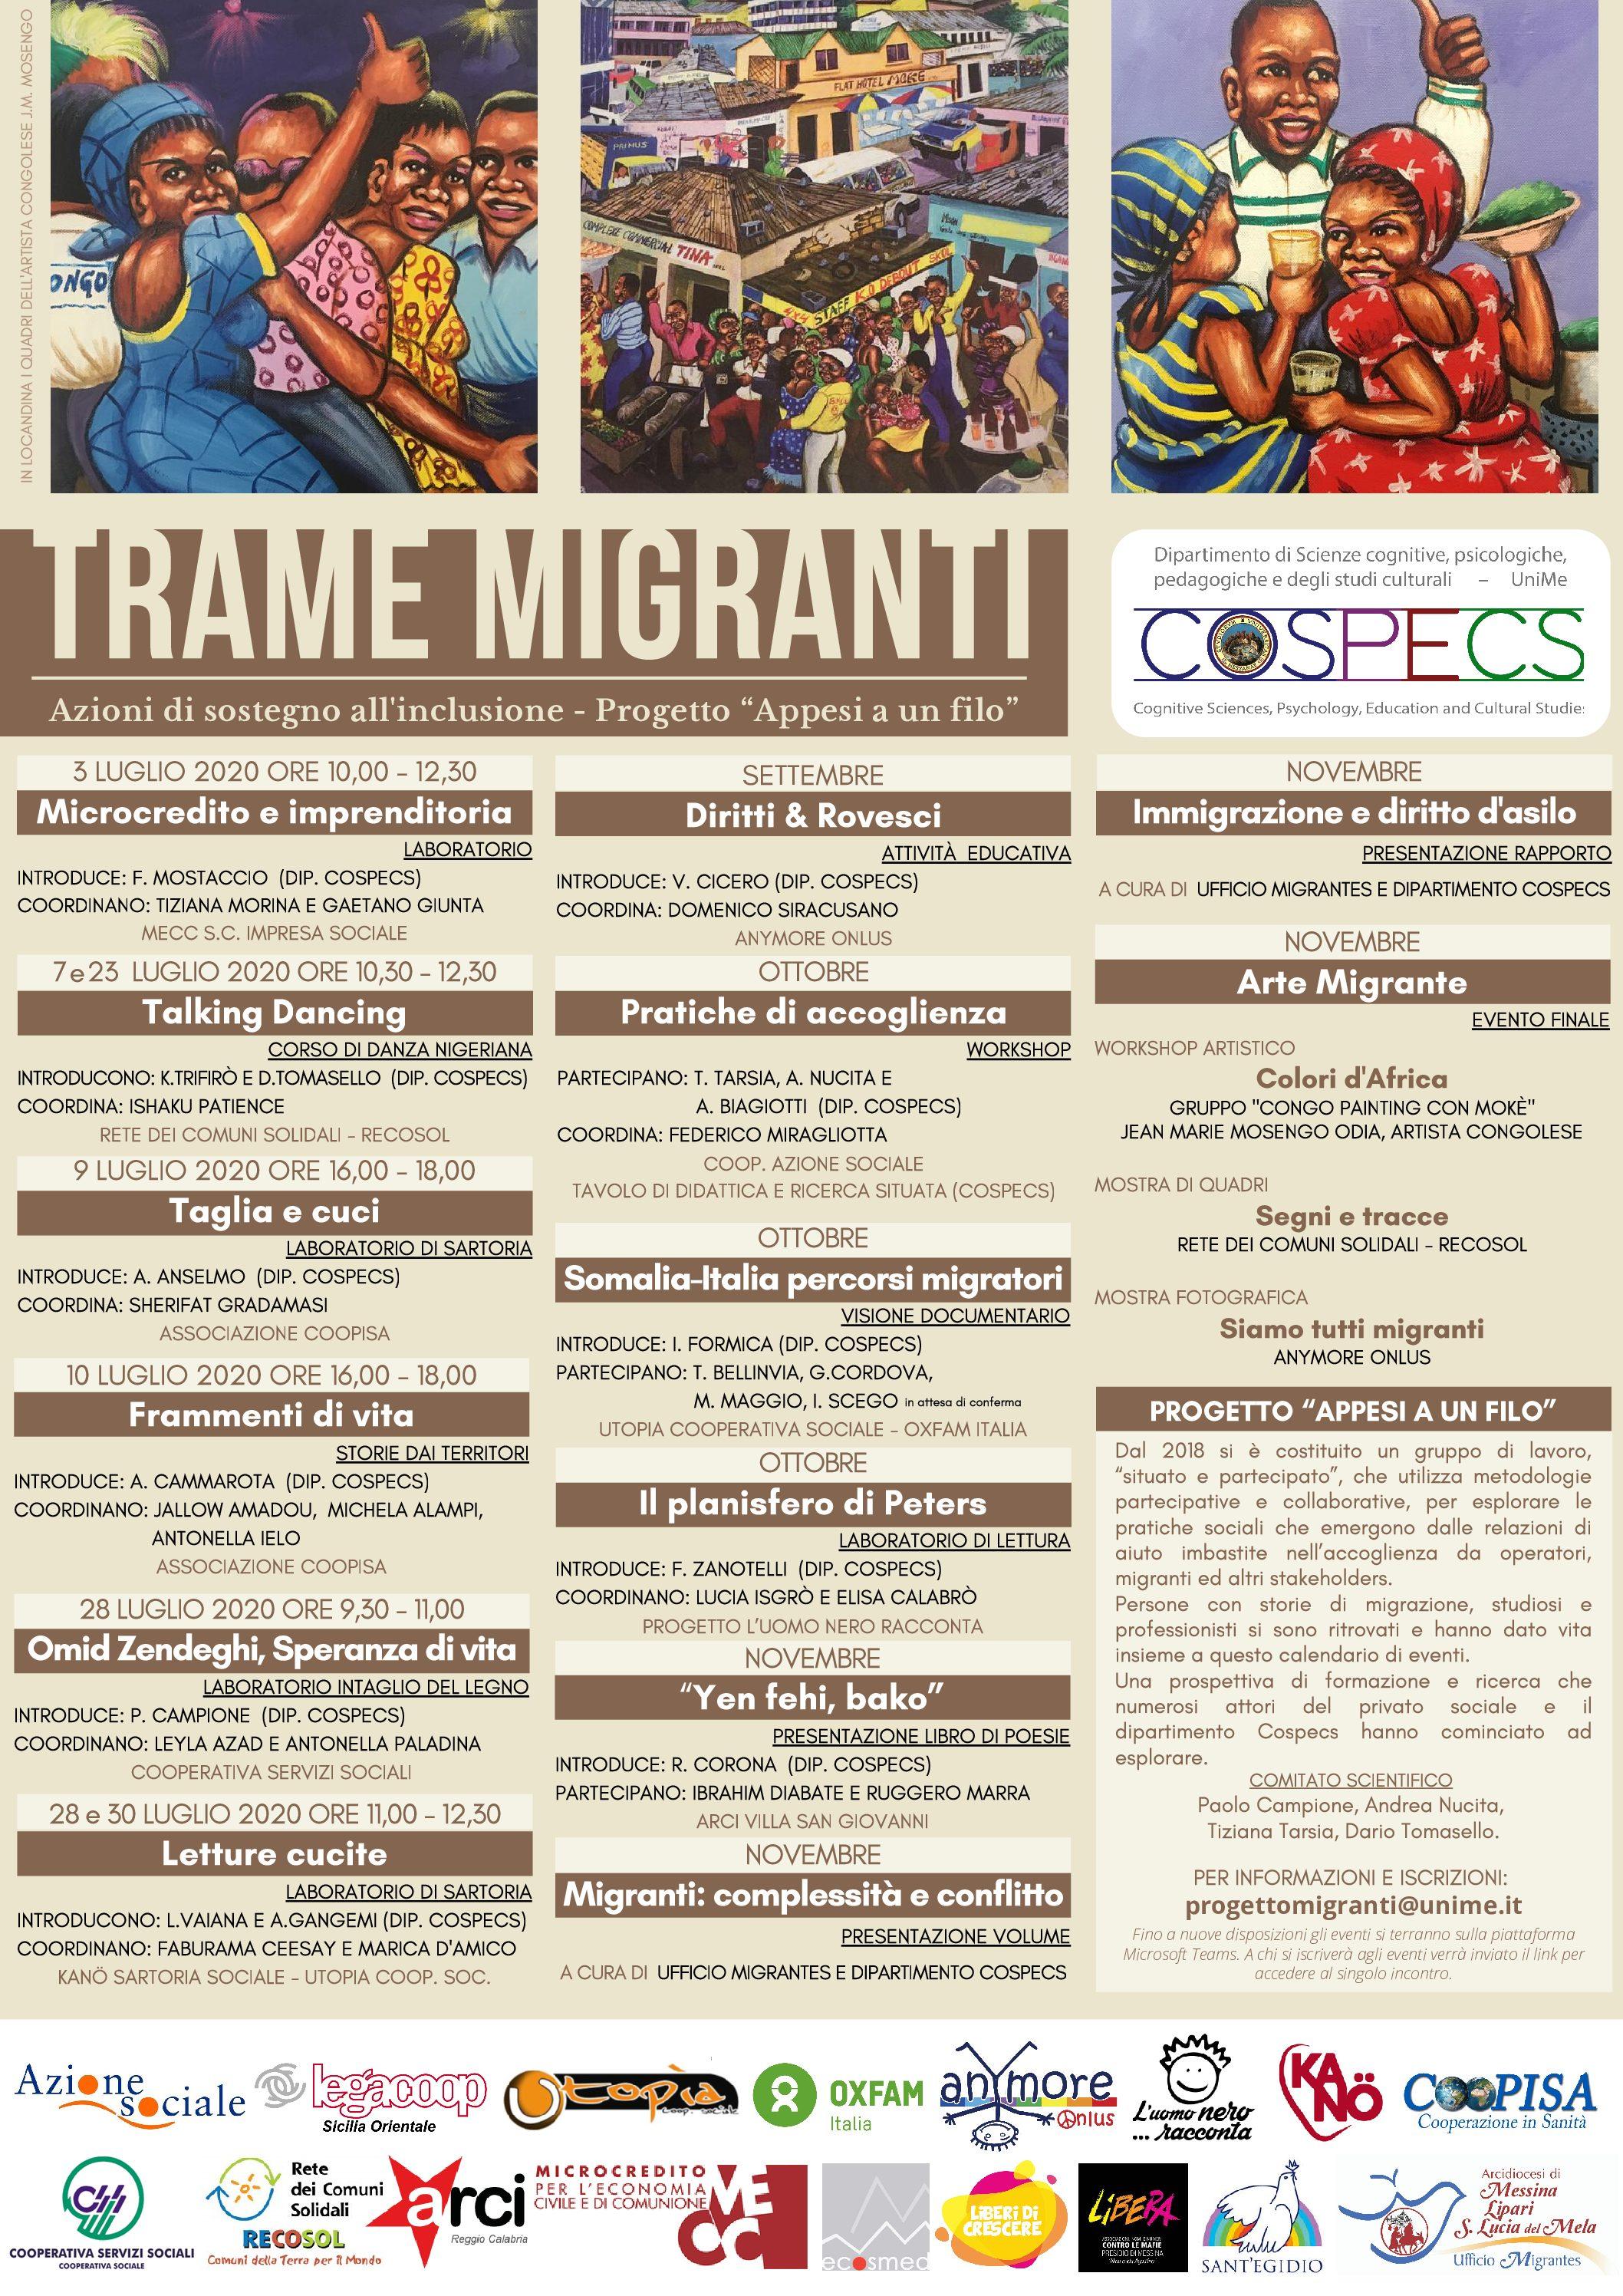 Trame migranti: far crescere il territorio attraverso le storie e le competenze dei migranti